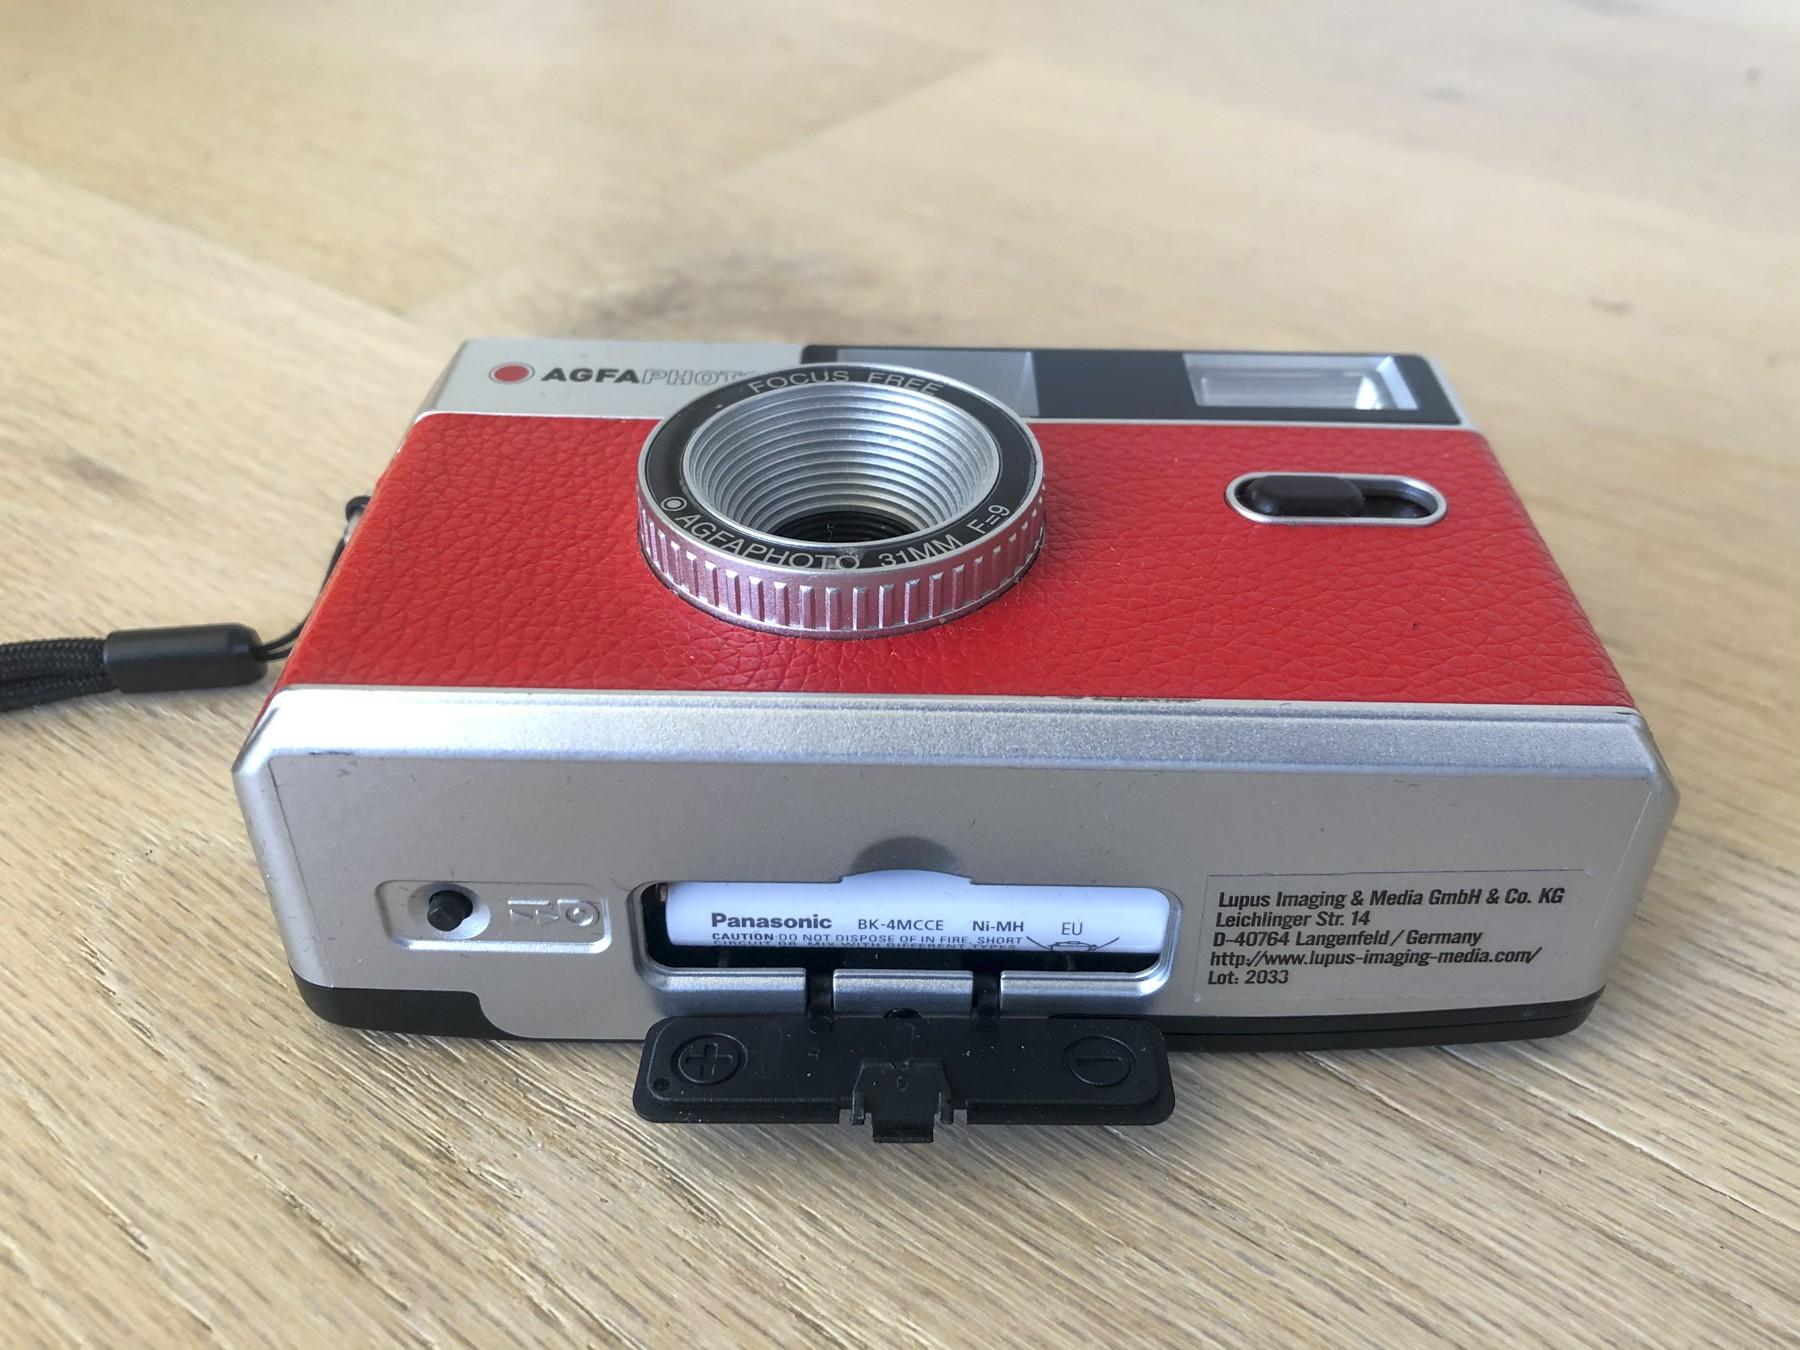 Agfa genbrugeligt 35mm kamera